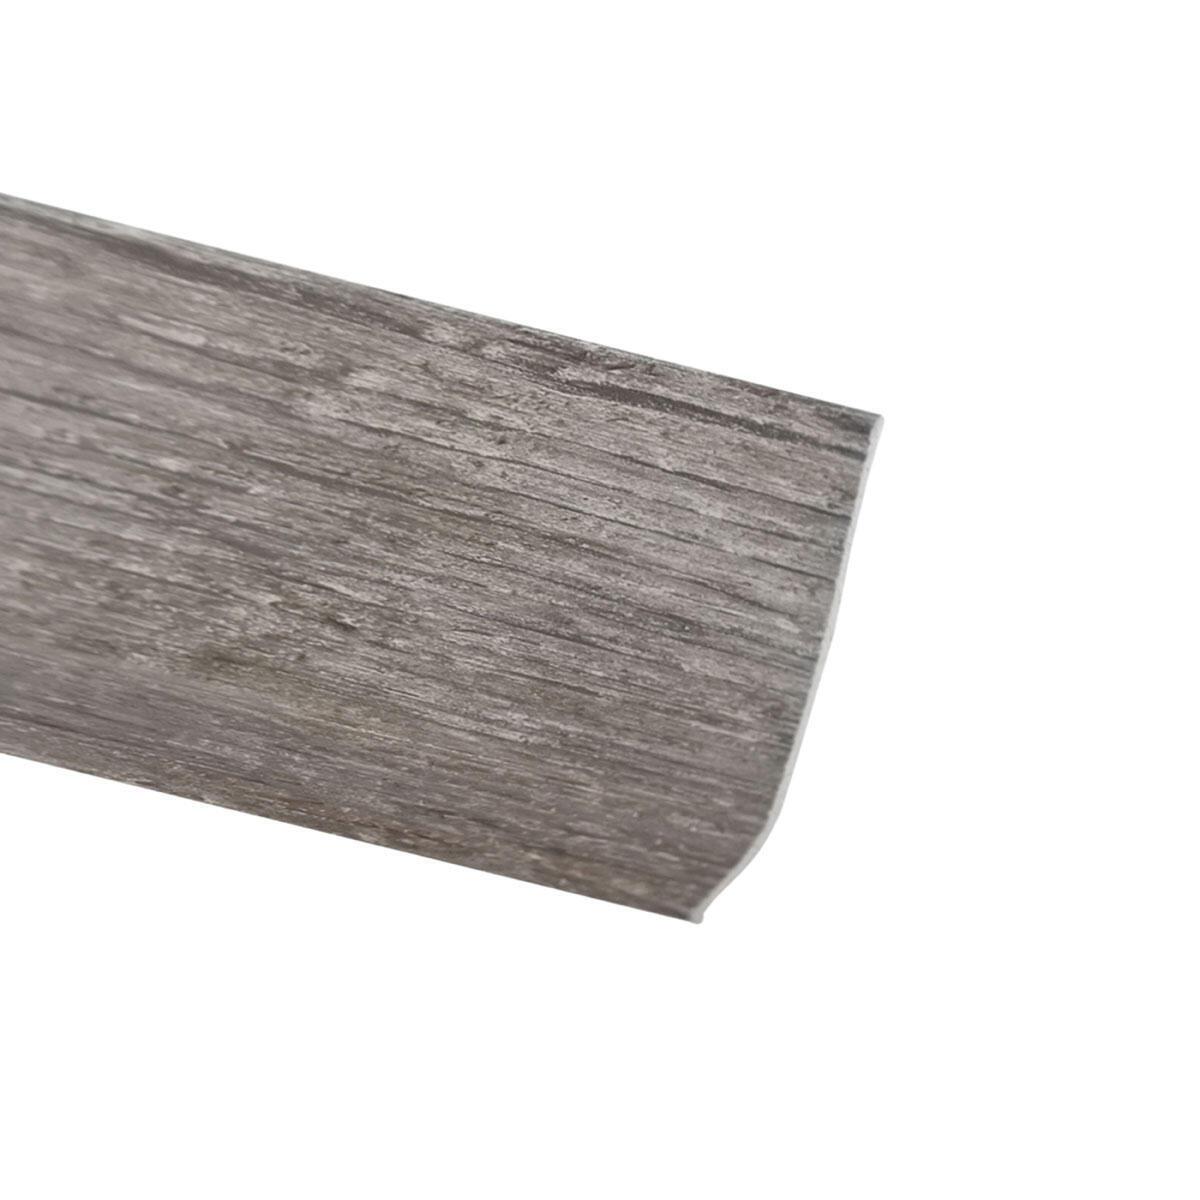 Battiscopa H 7 cm x L 2 m rovere grigio - 2